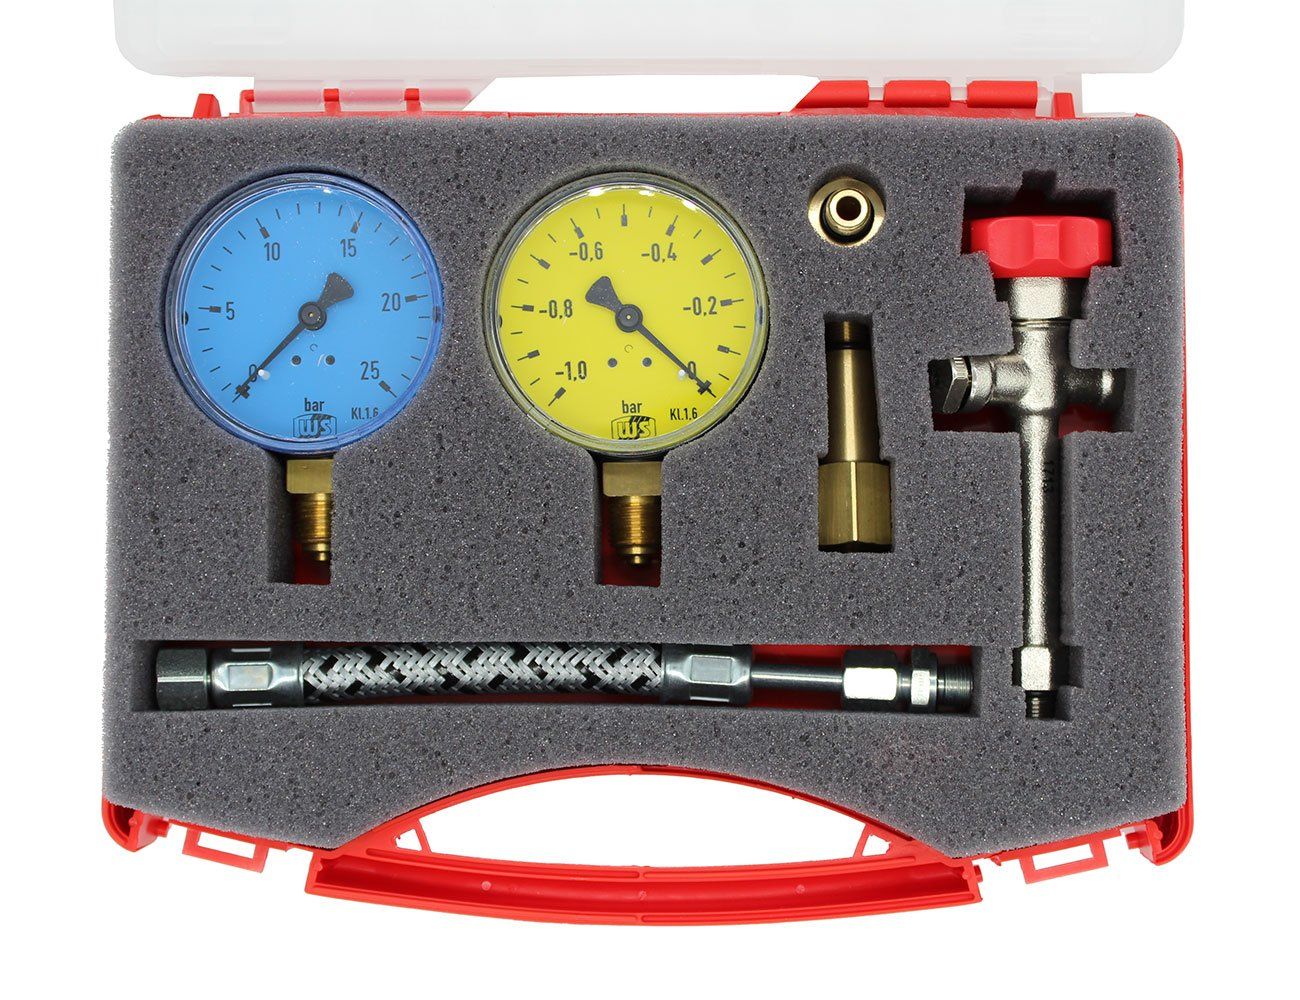 Bomba de prueba malet/ín P 1/completamente equipado en malet/ín de pl/ástico sin pastilla para ajustar la /ölpumpe